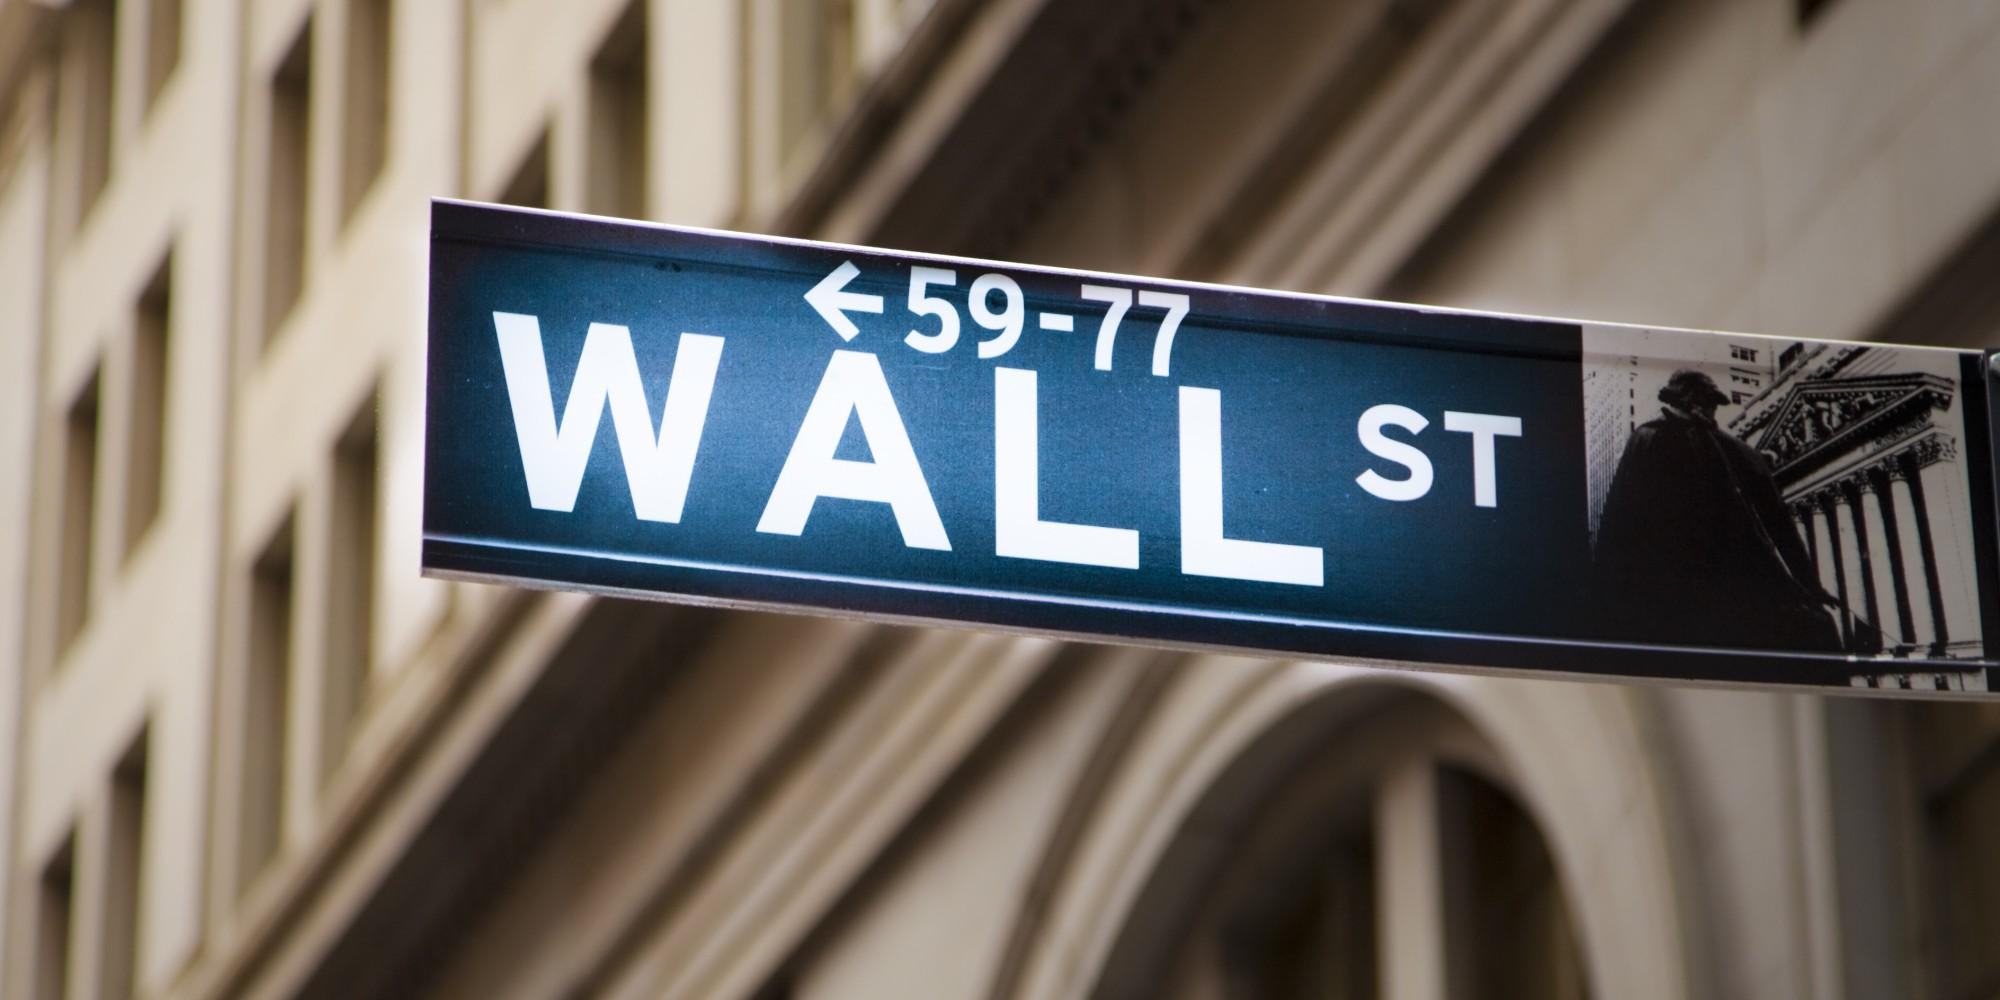 Migliori azioni Usa da comprare nel 2020: quali sono le previsioni